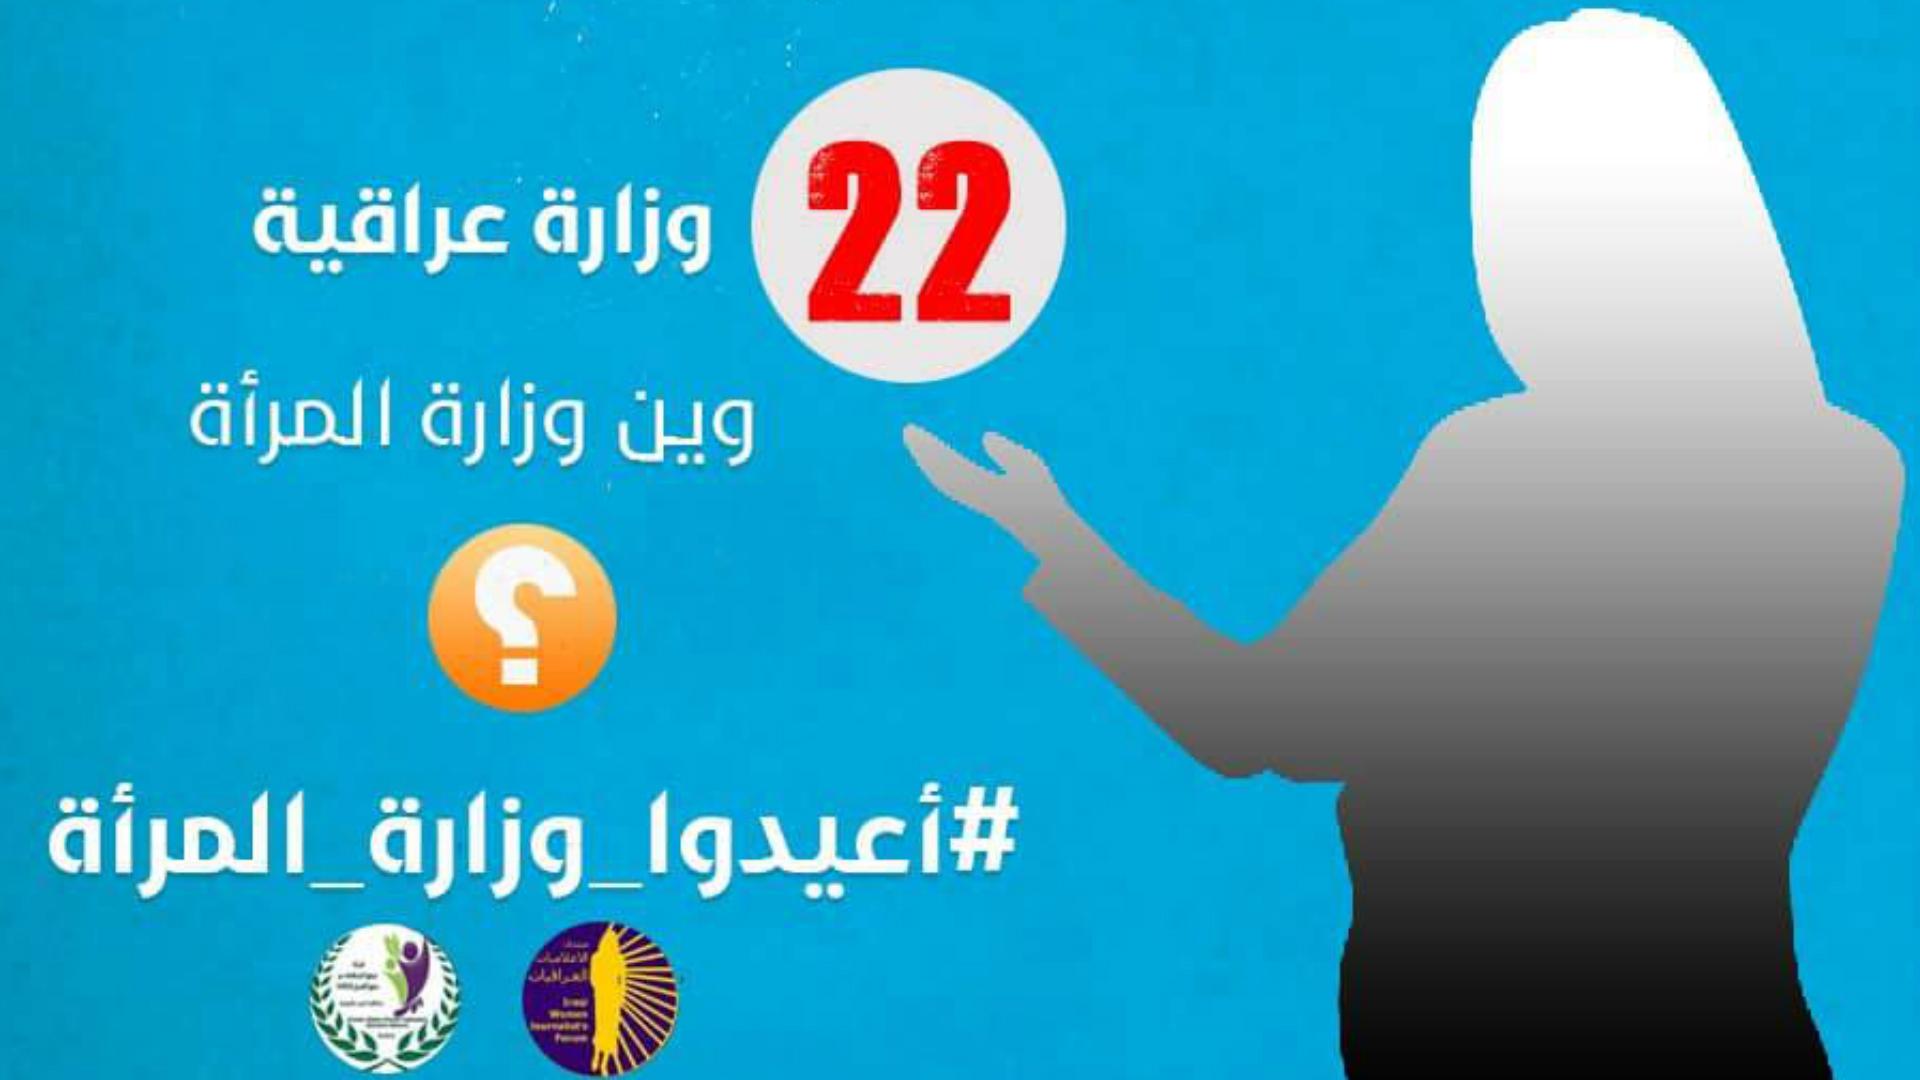 إطلاق حملة إعلامية للمطالبة بإعادة وزارة المرأة